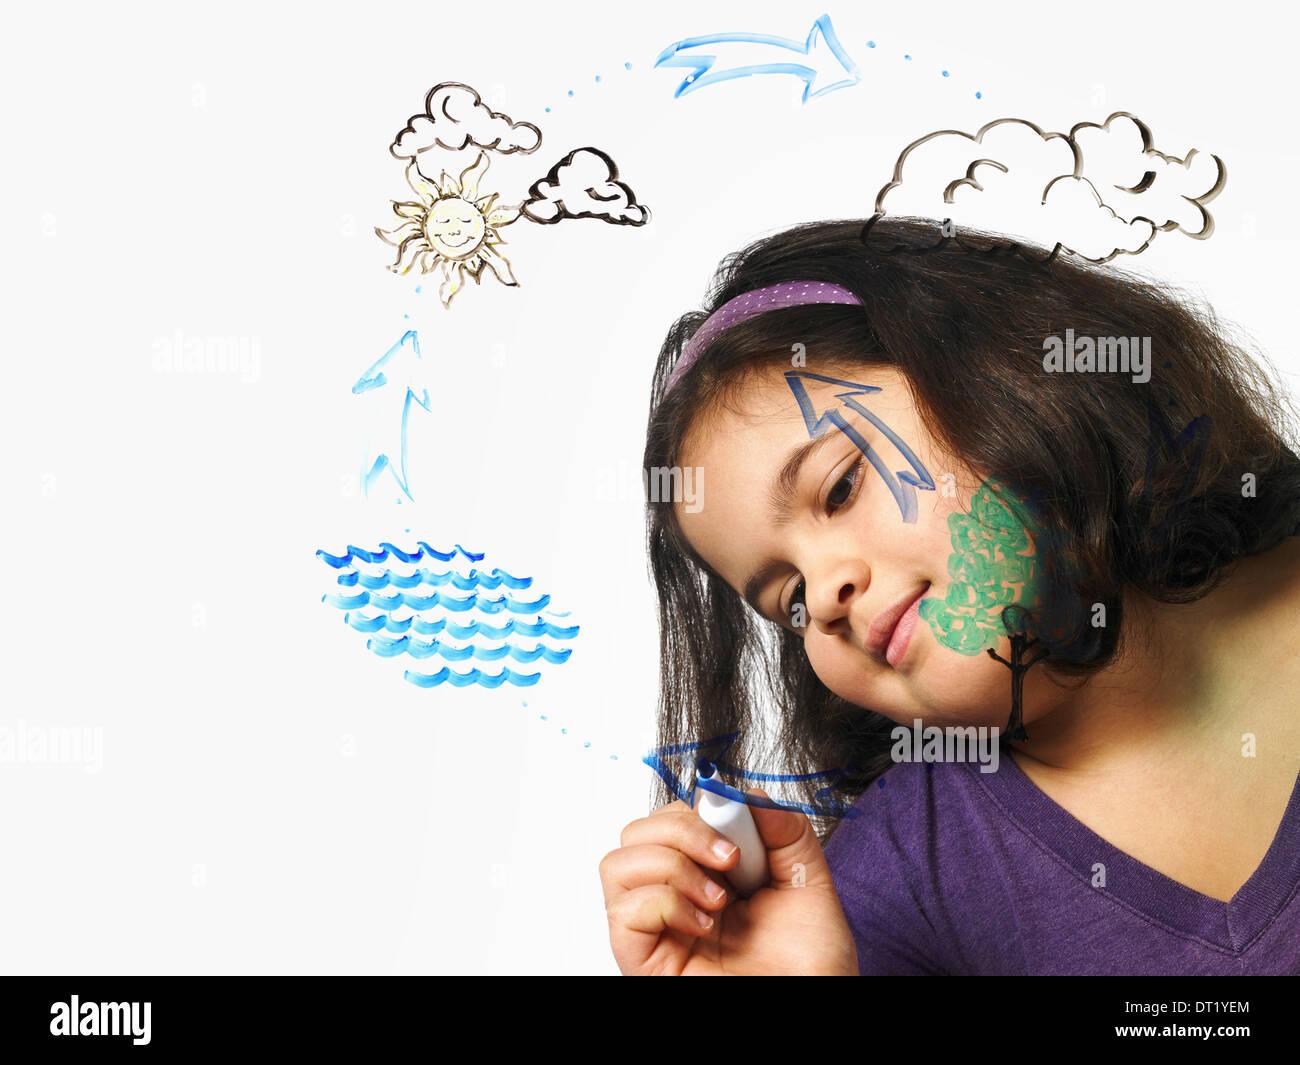 Dibujo de una joven el ciclo de evaporación del agua en un claro ver a través de la superficie con un lápiz en el mercado Imagen De Stock